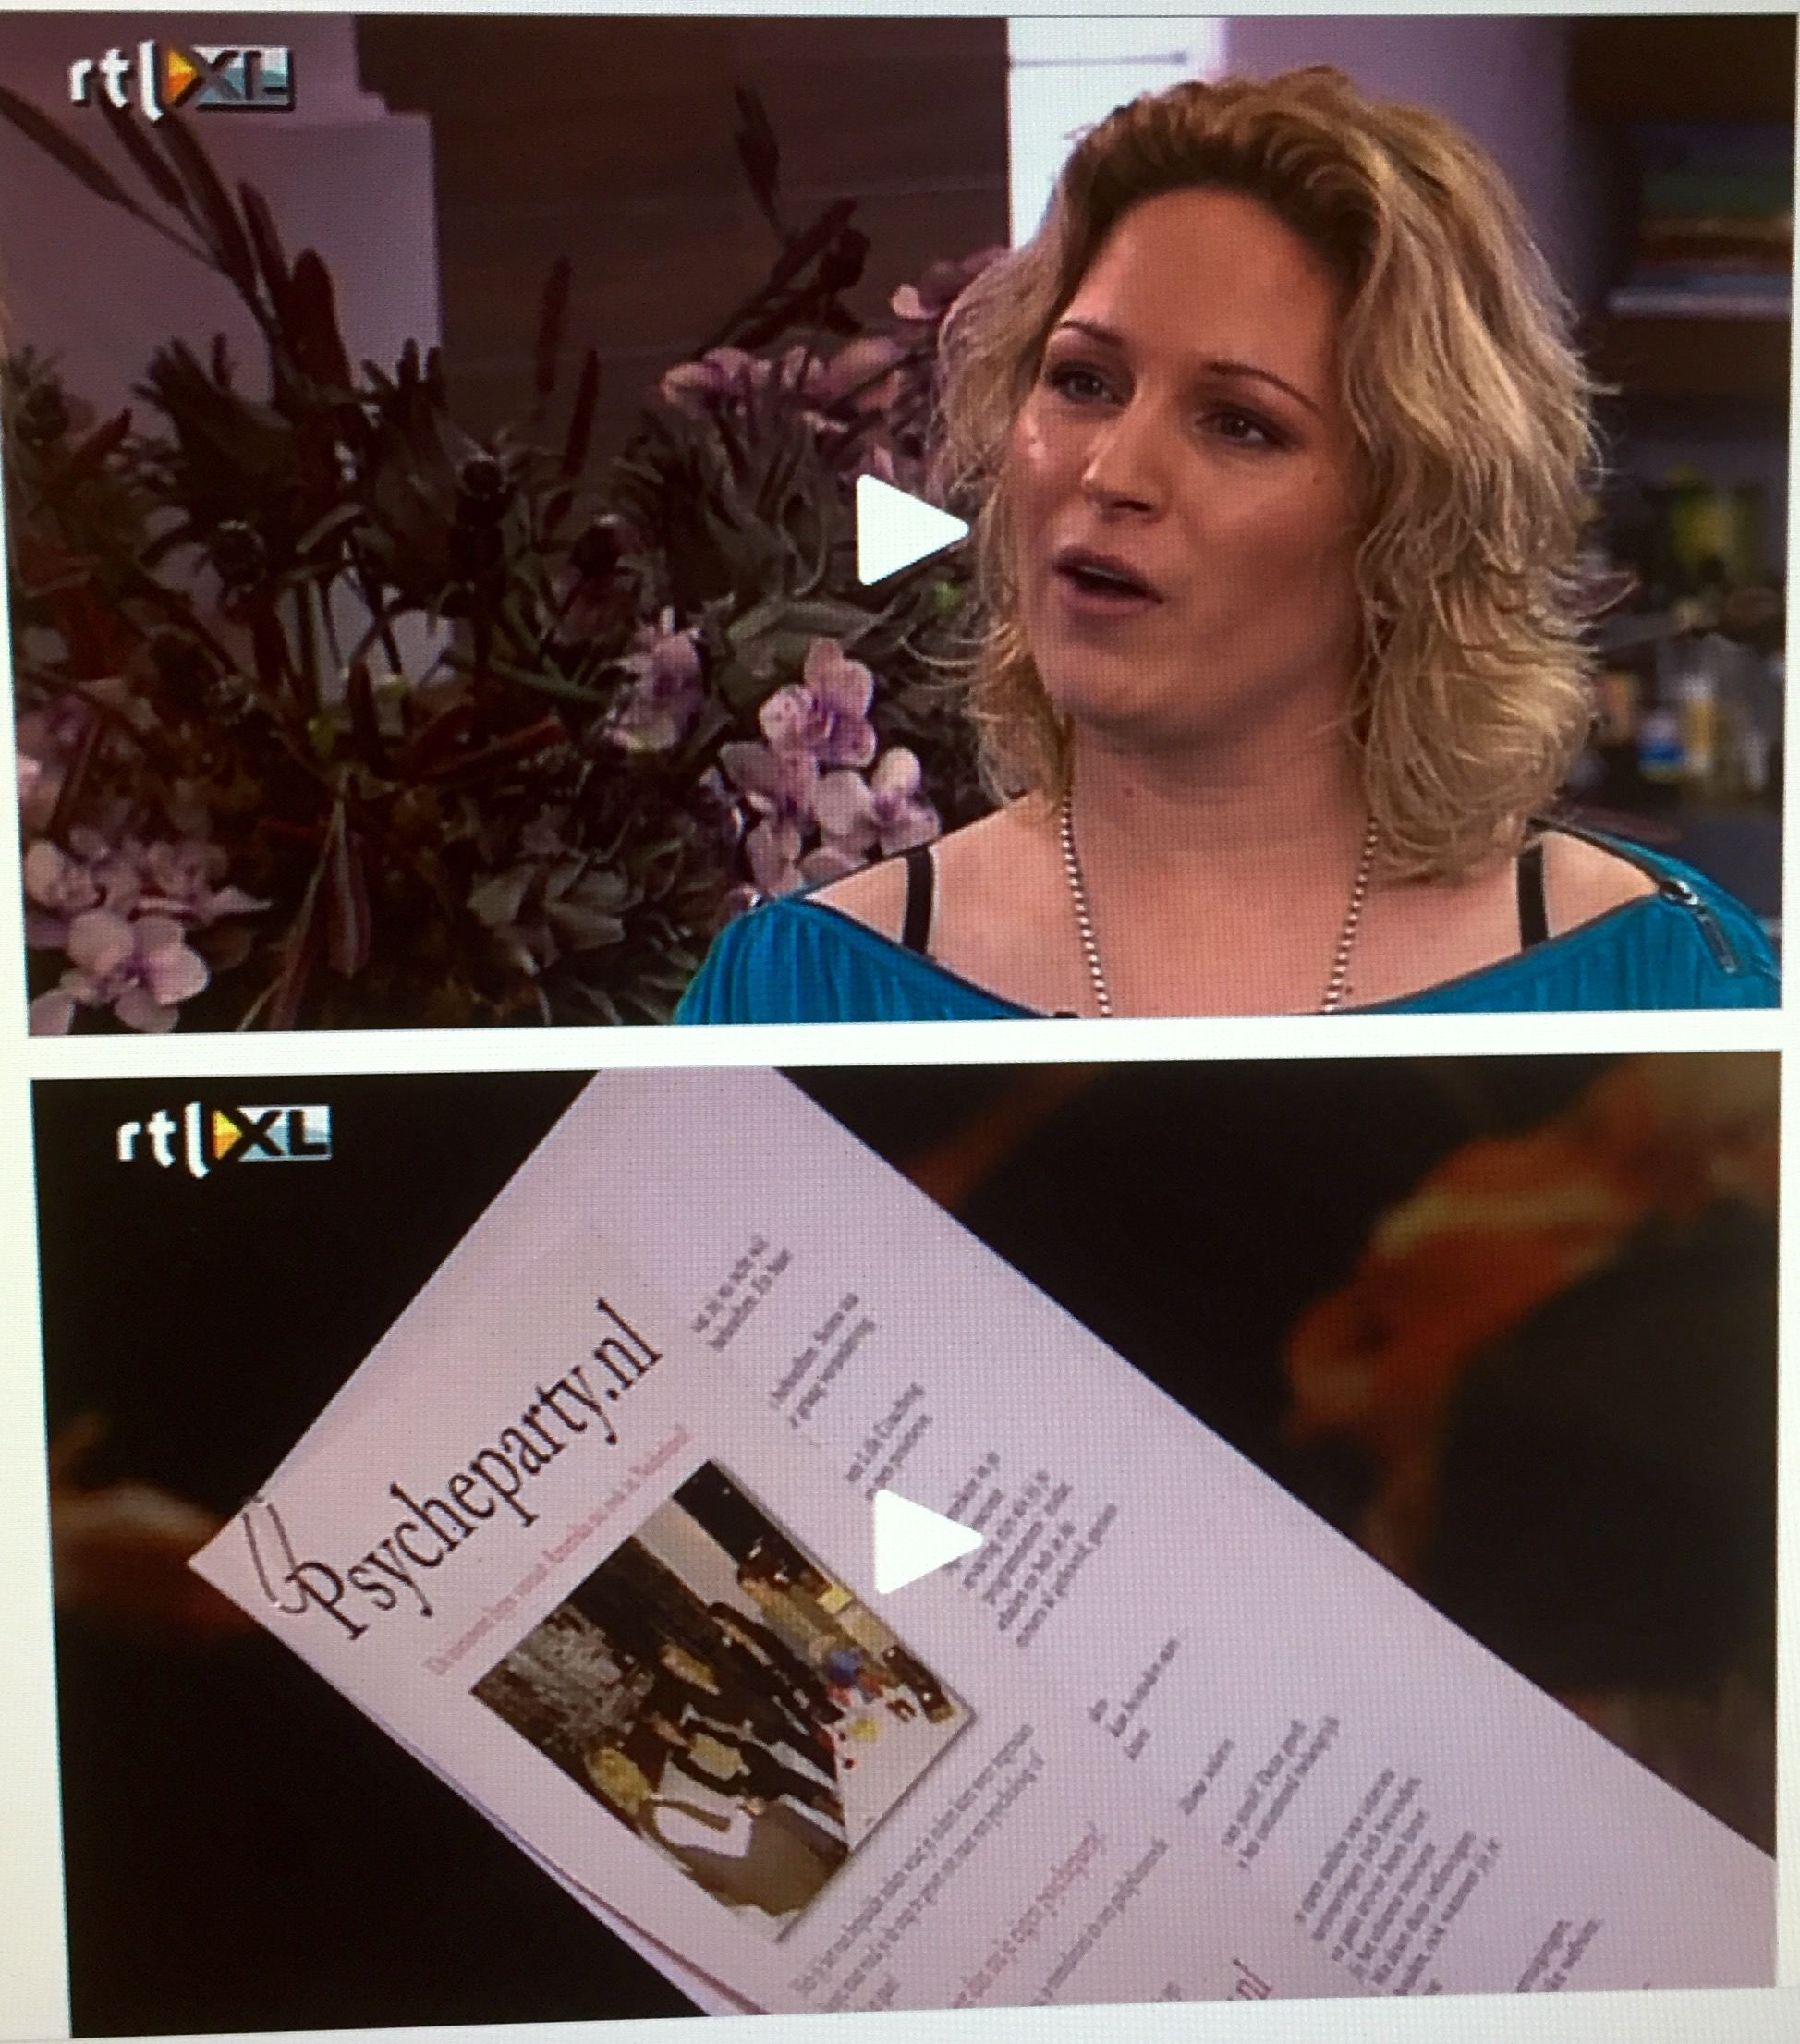 Tamara bij Koffietijd, Editie NL, Margriet, Vriendin, Grazia, Viva, Libelle Balance, Santé, Trouw, Parool, AD, Telegraaf VROUW, Flair, VIVA 400 en Q-music met haar Psycheparty's!